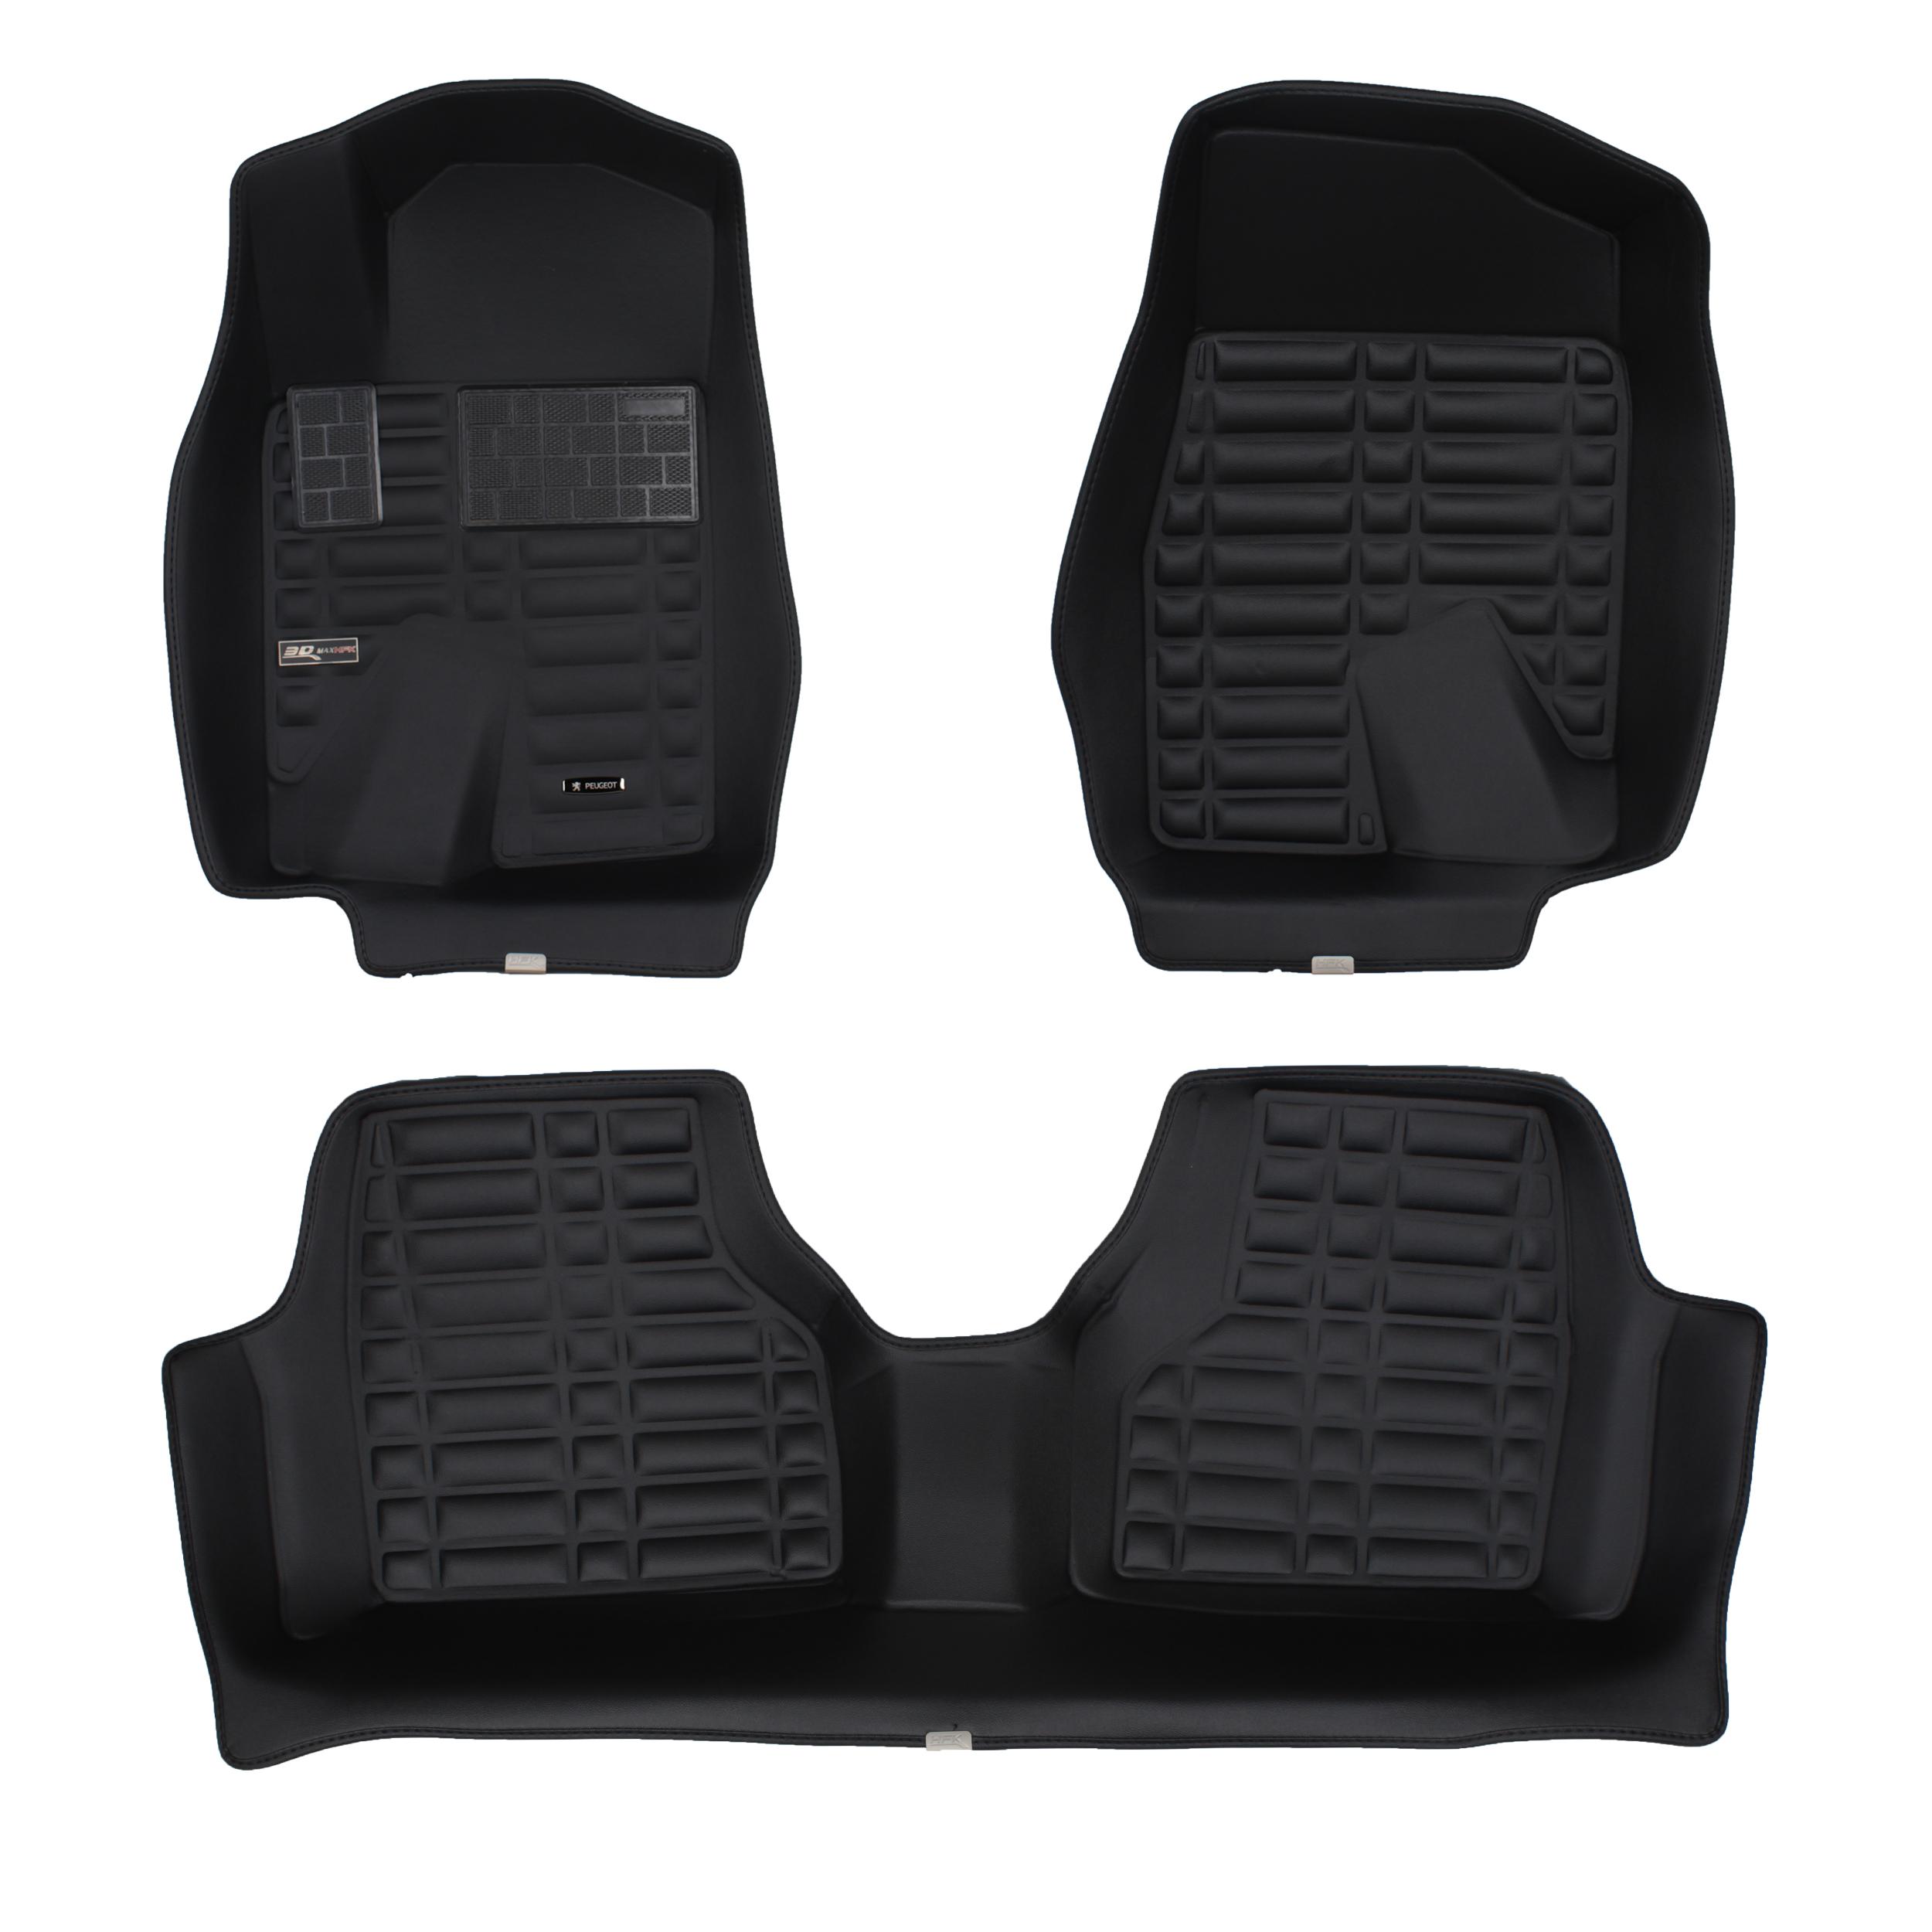 کفپوش سه بعدی خودرو تری دی مکس اچ اف کی مدل HS1356251مناسب  برای پژو پارس